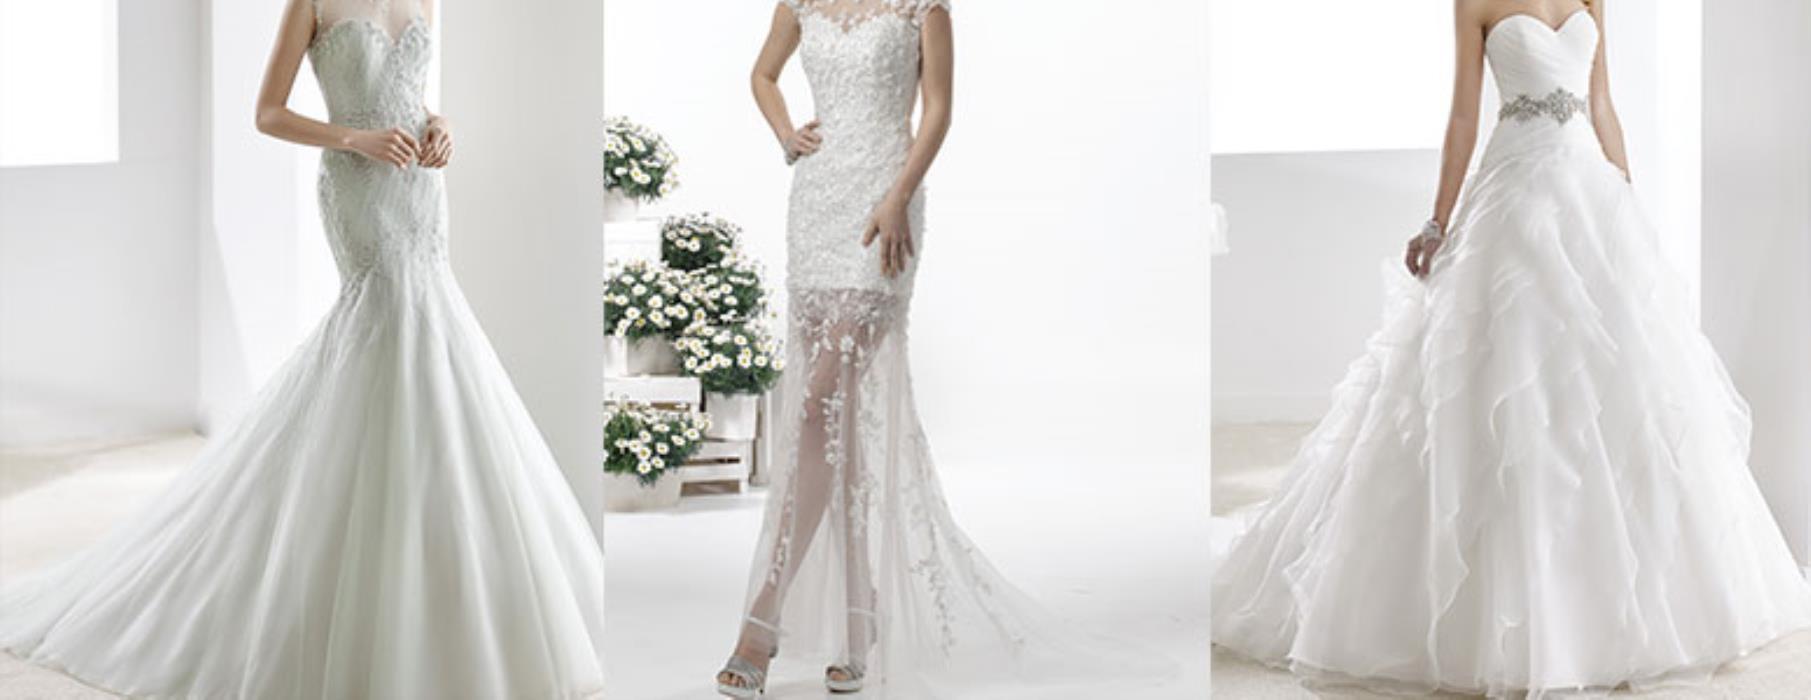 Come scegliere l abito da sposa adatto al tuo fisico  02500109162e